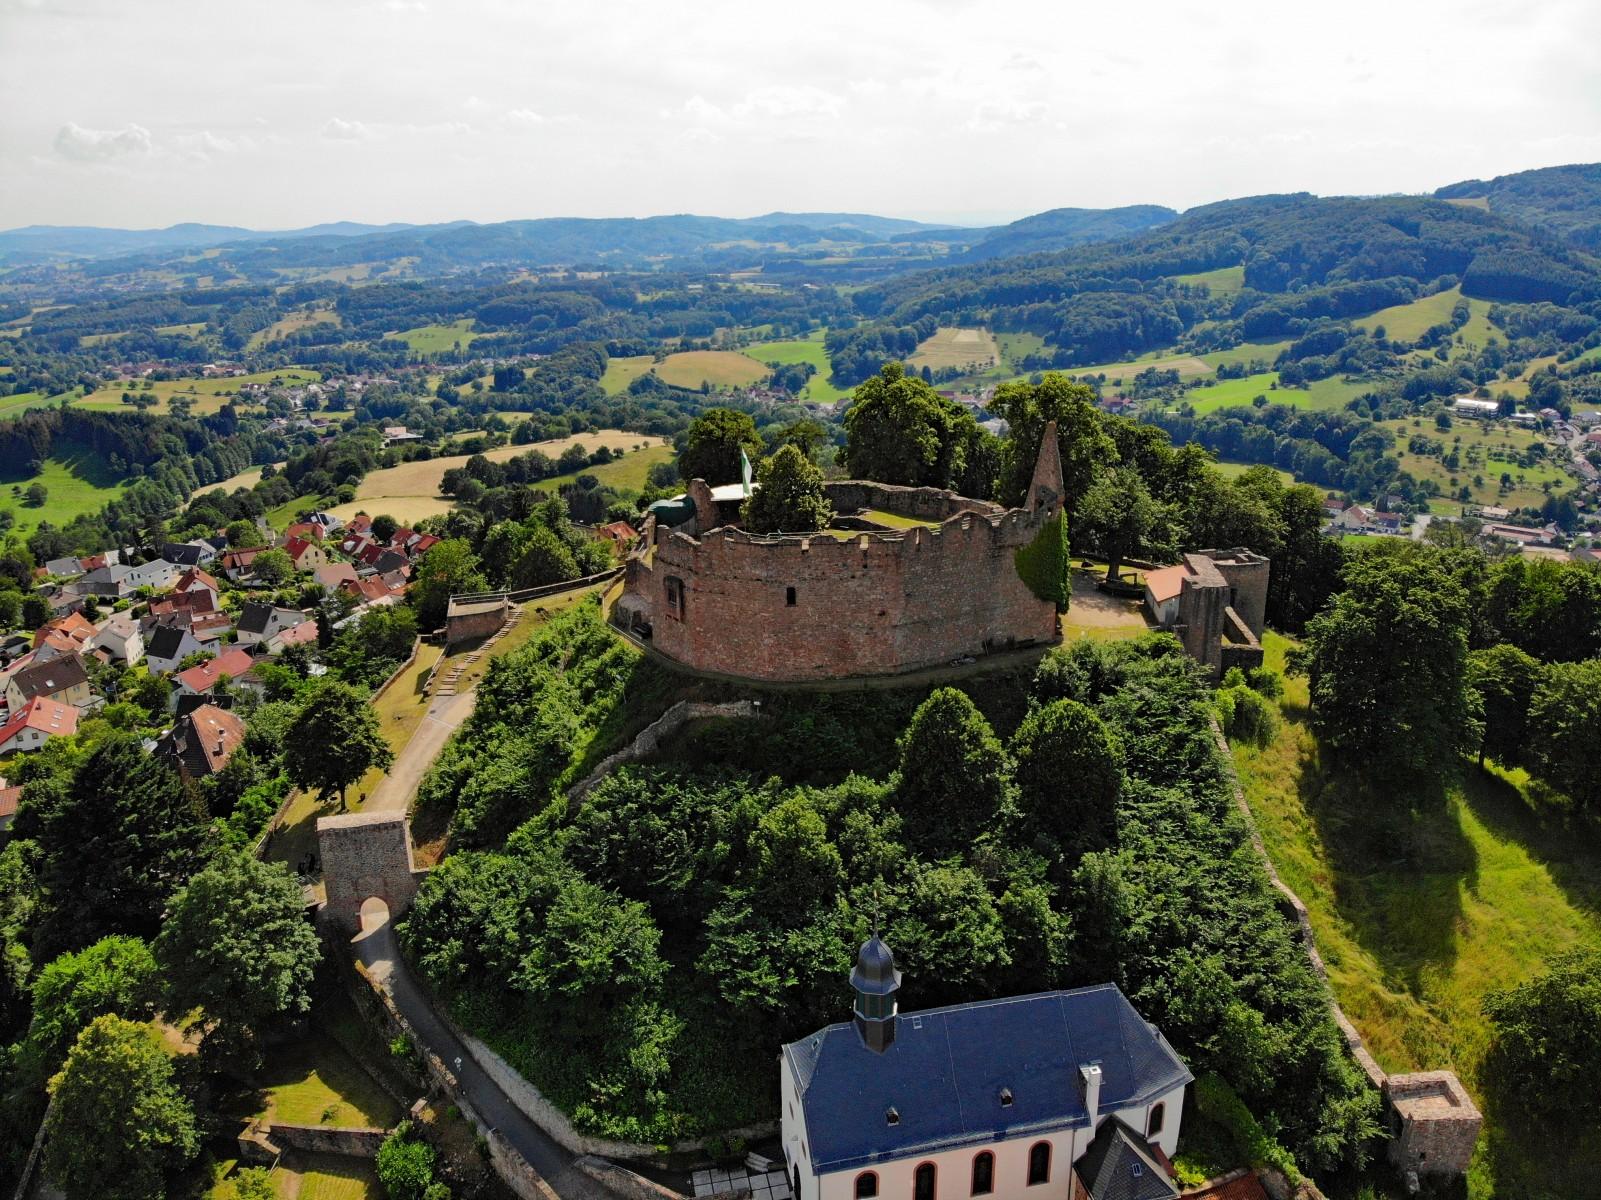 Jahresabschlussreise Heidelberg-Mainz-Odenwald 2021 - Union Reiseteam